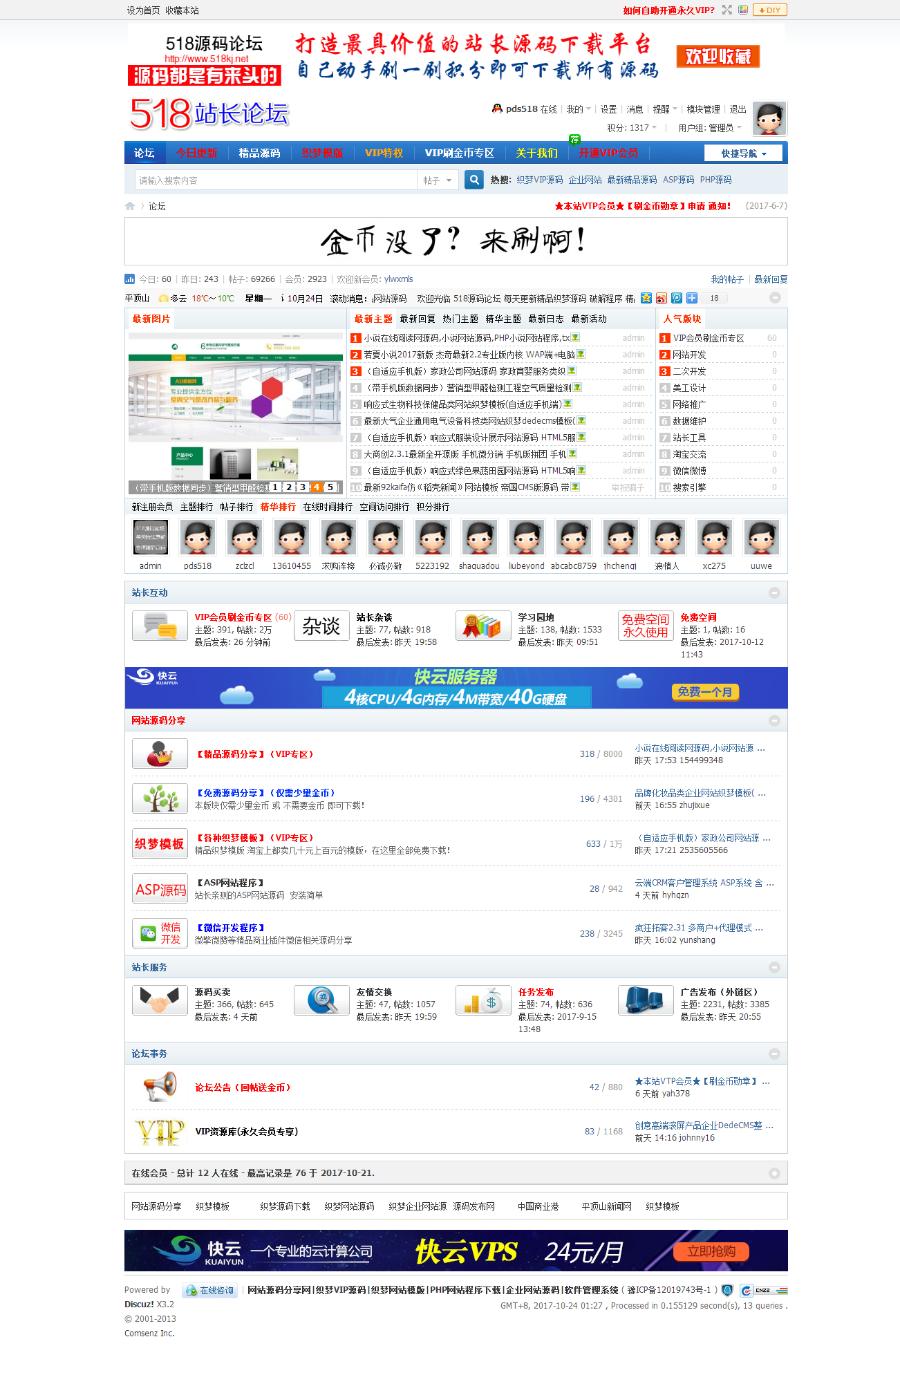 DZ论坛网站源码资源下载源码分享平台+整站数据 到手即可盈利